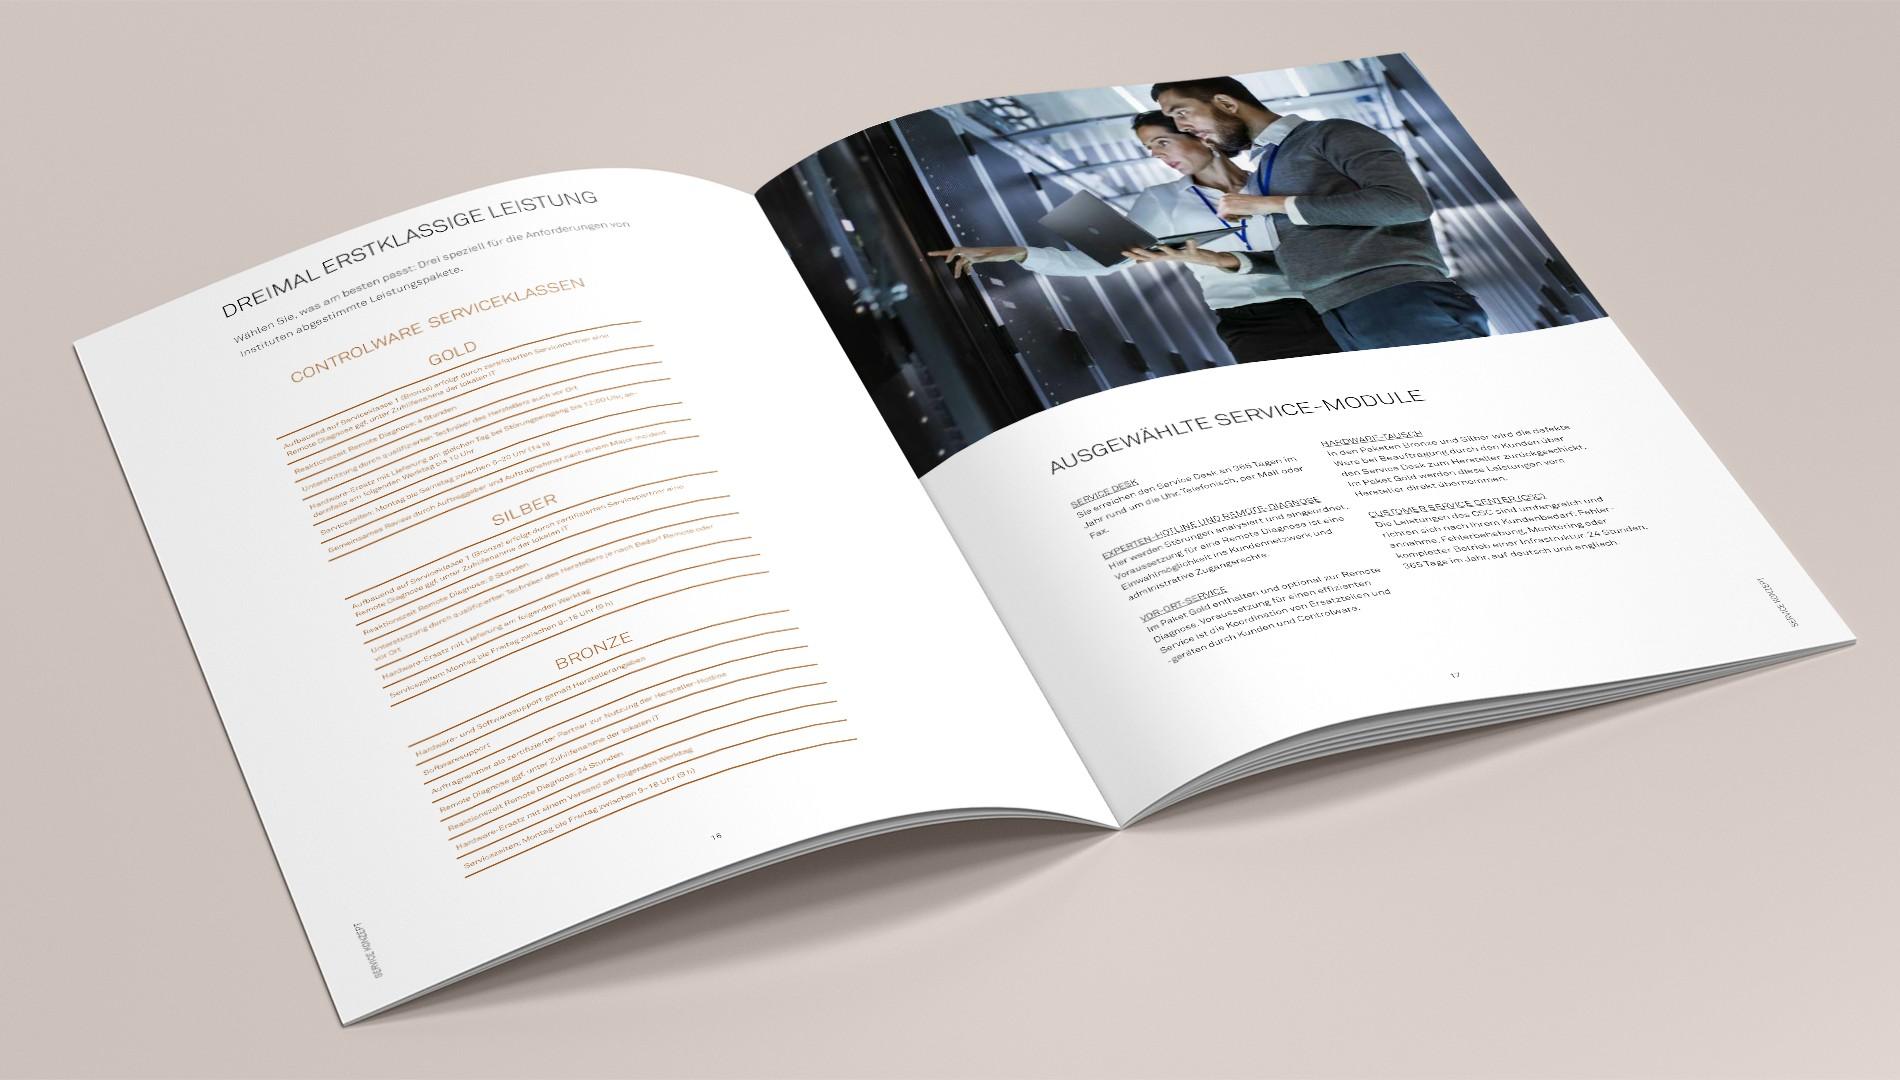 Hochwertige Broschüre für Hauwei mit Printdesign von das formt - Designagentur aus München